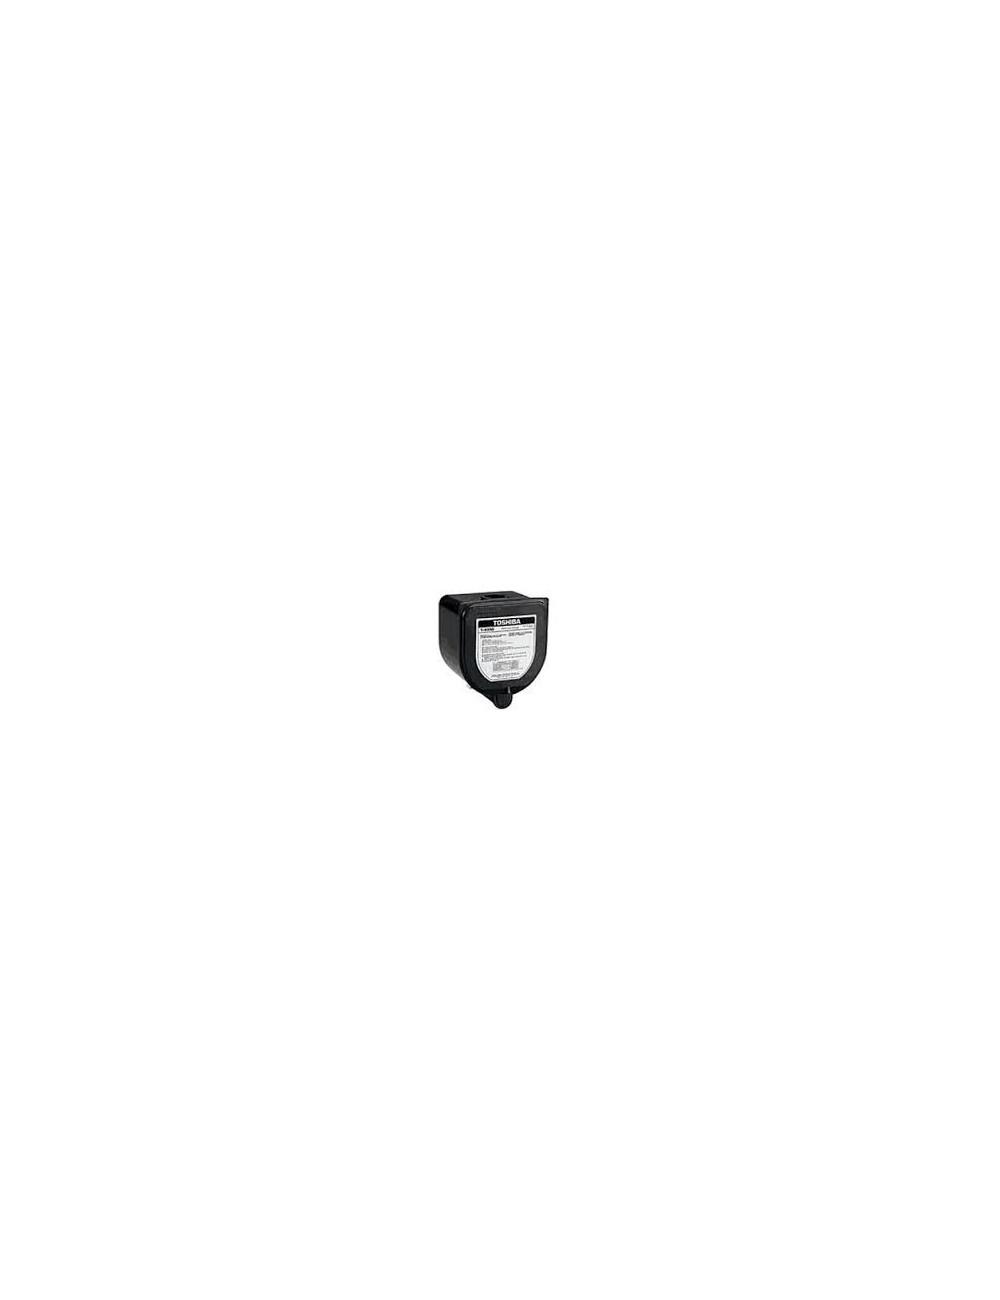 Συμβατό Τόνερ Toshiba 3550,4550